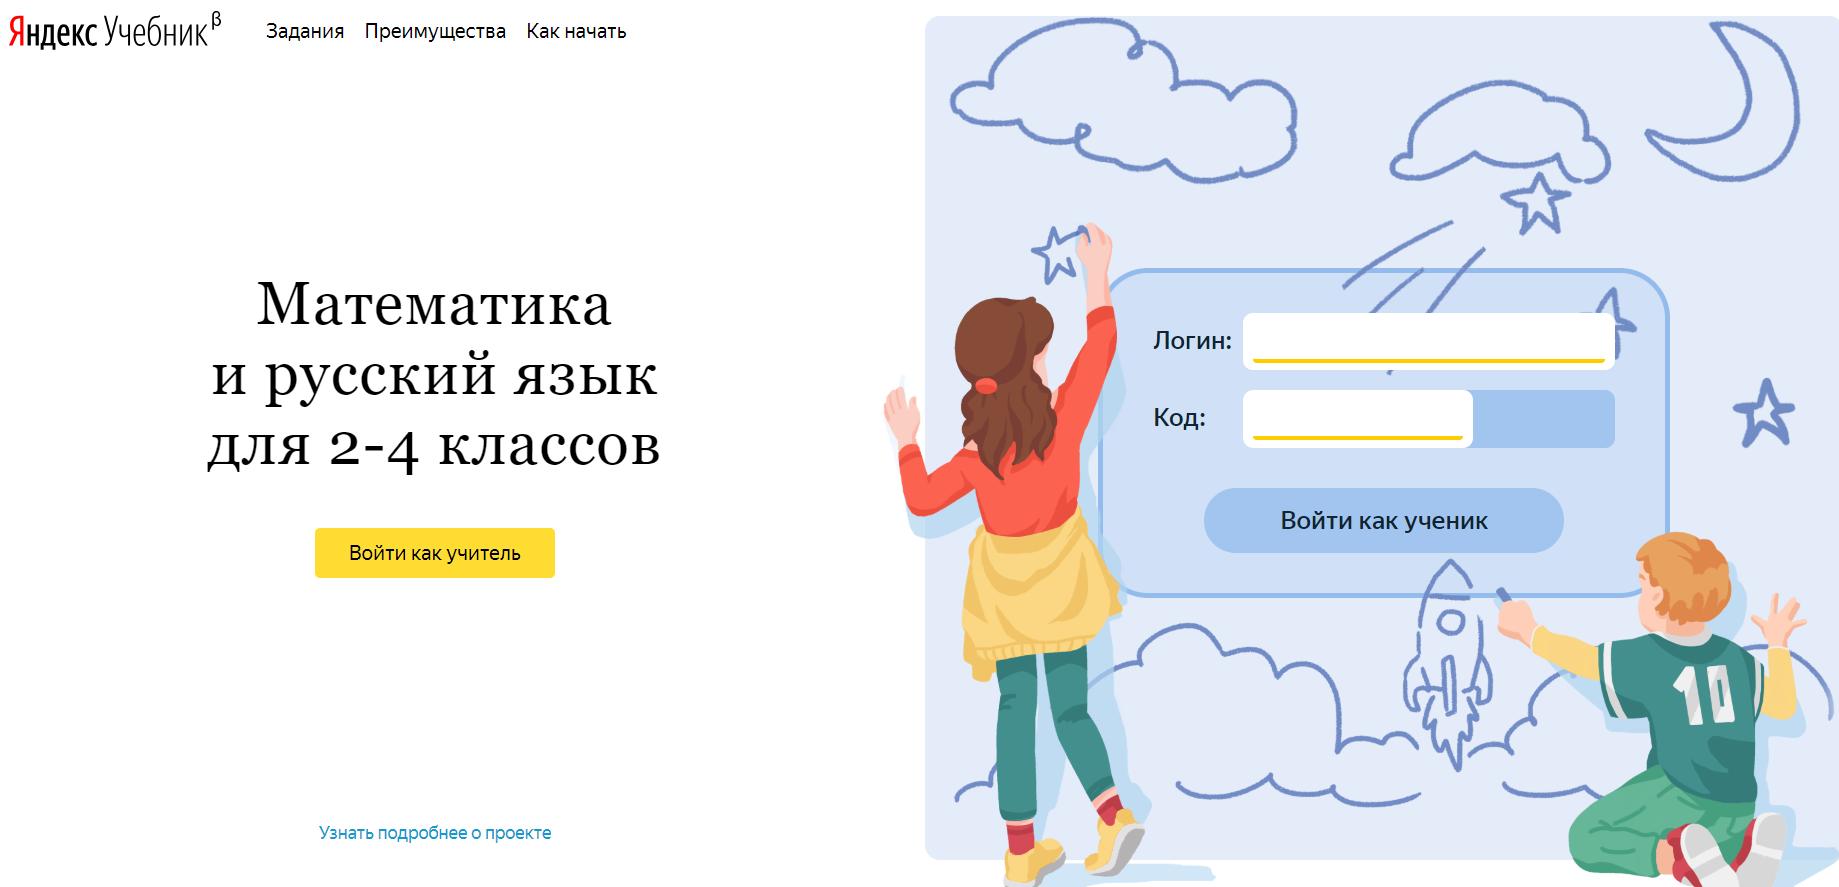 Яндекс для учителей